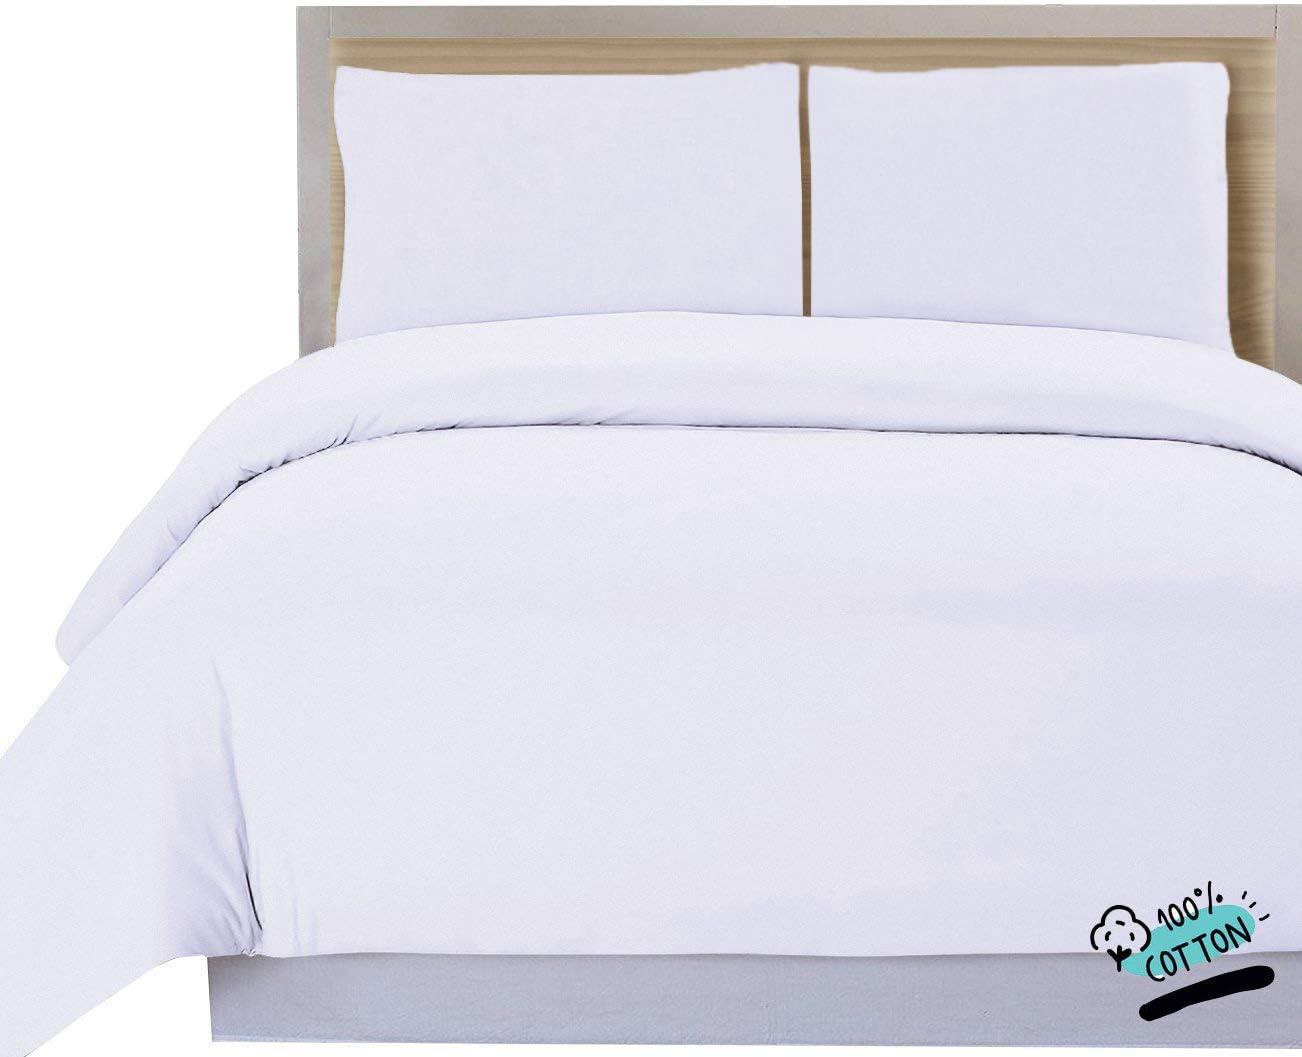 DHestia Hostelería - Funda Nórdica para Edredón Blanca Hotel 100% Algodón Natural (230x240 cm - Cama 135)